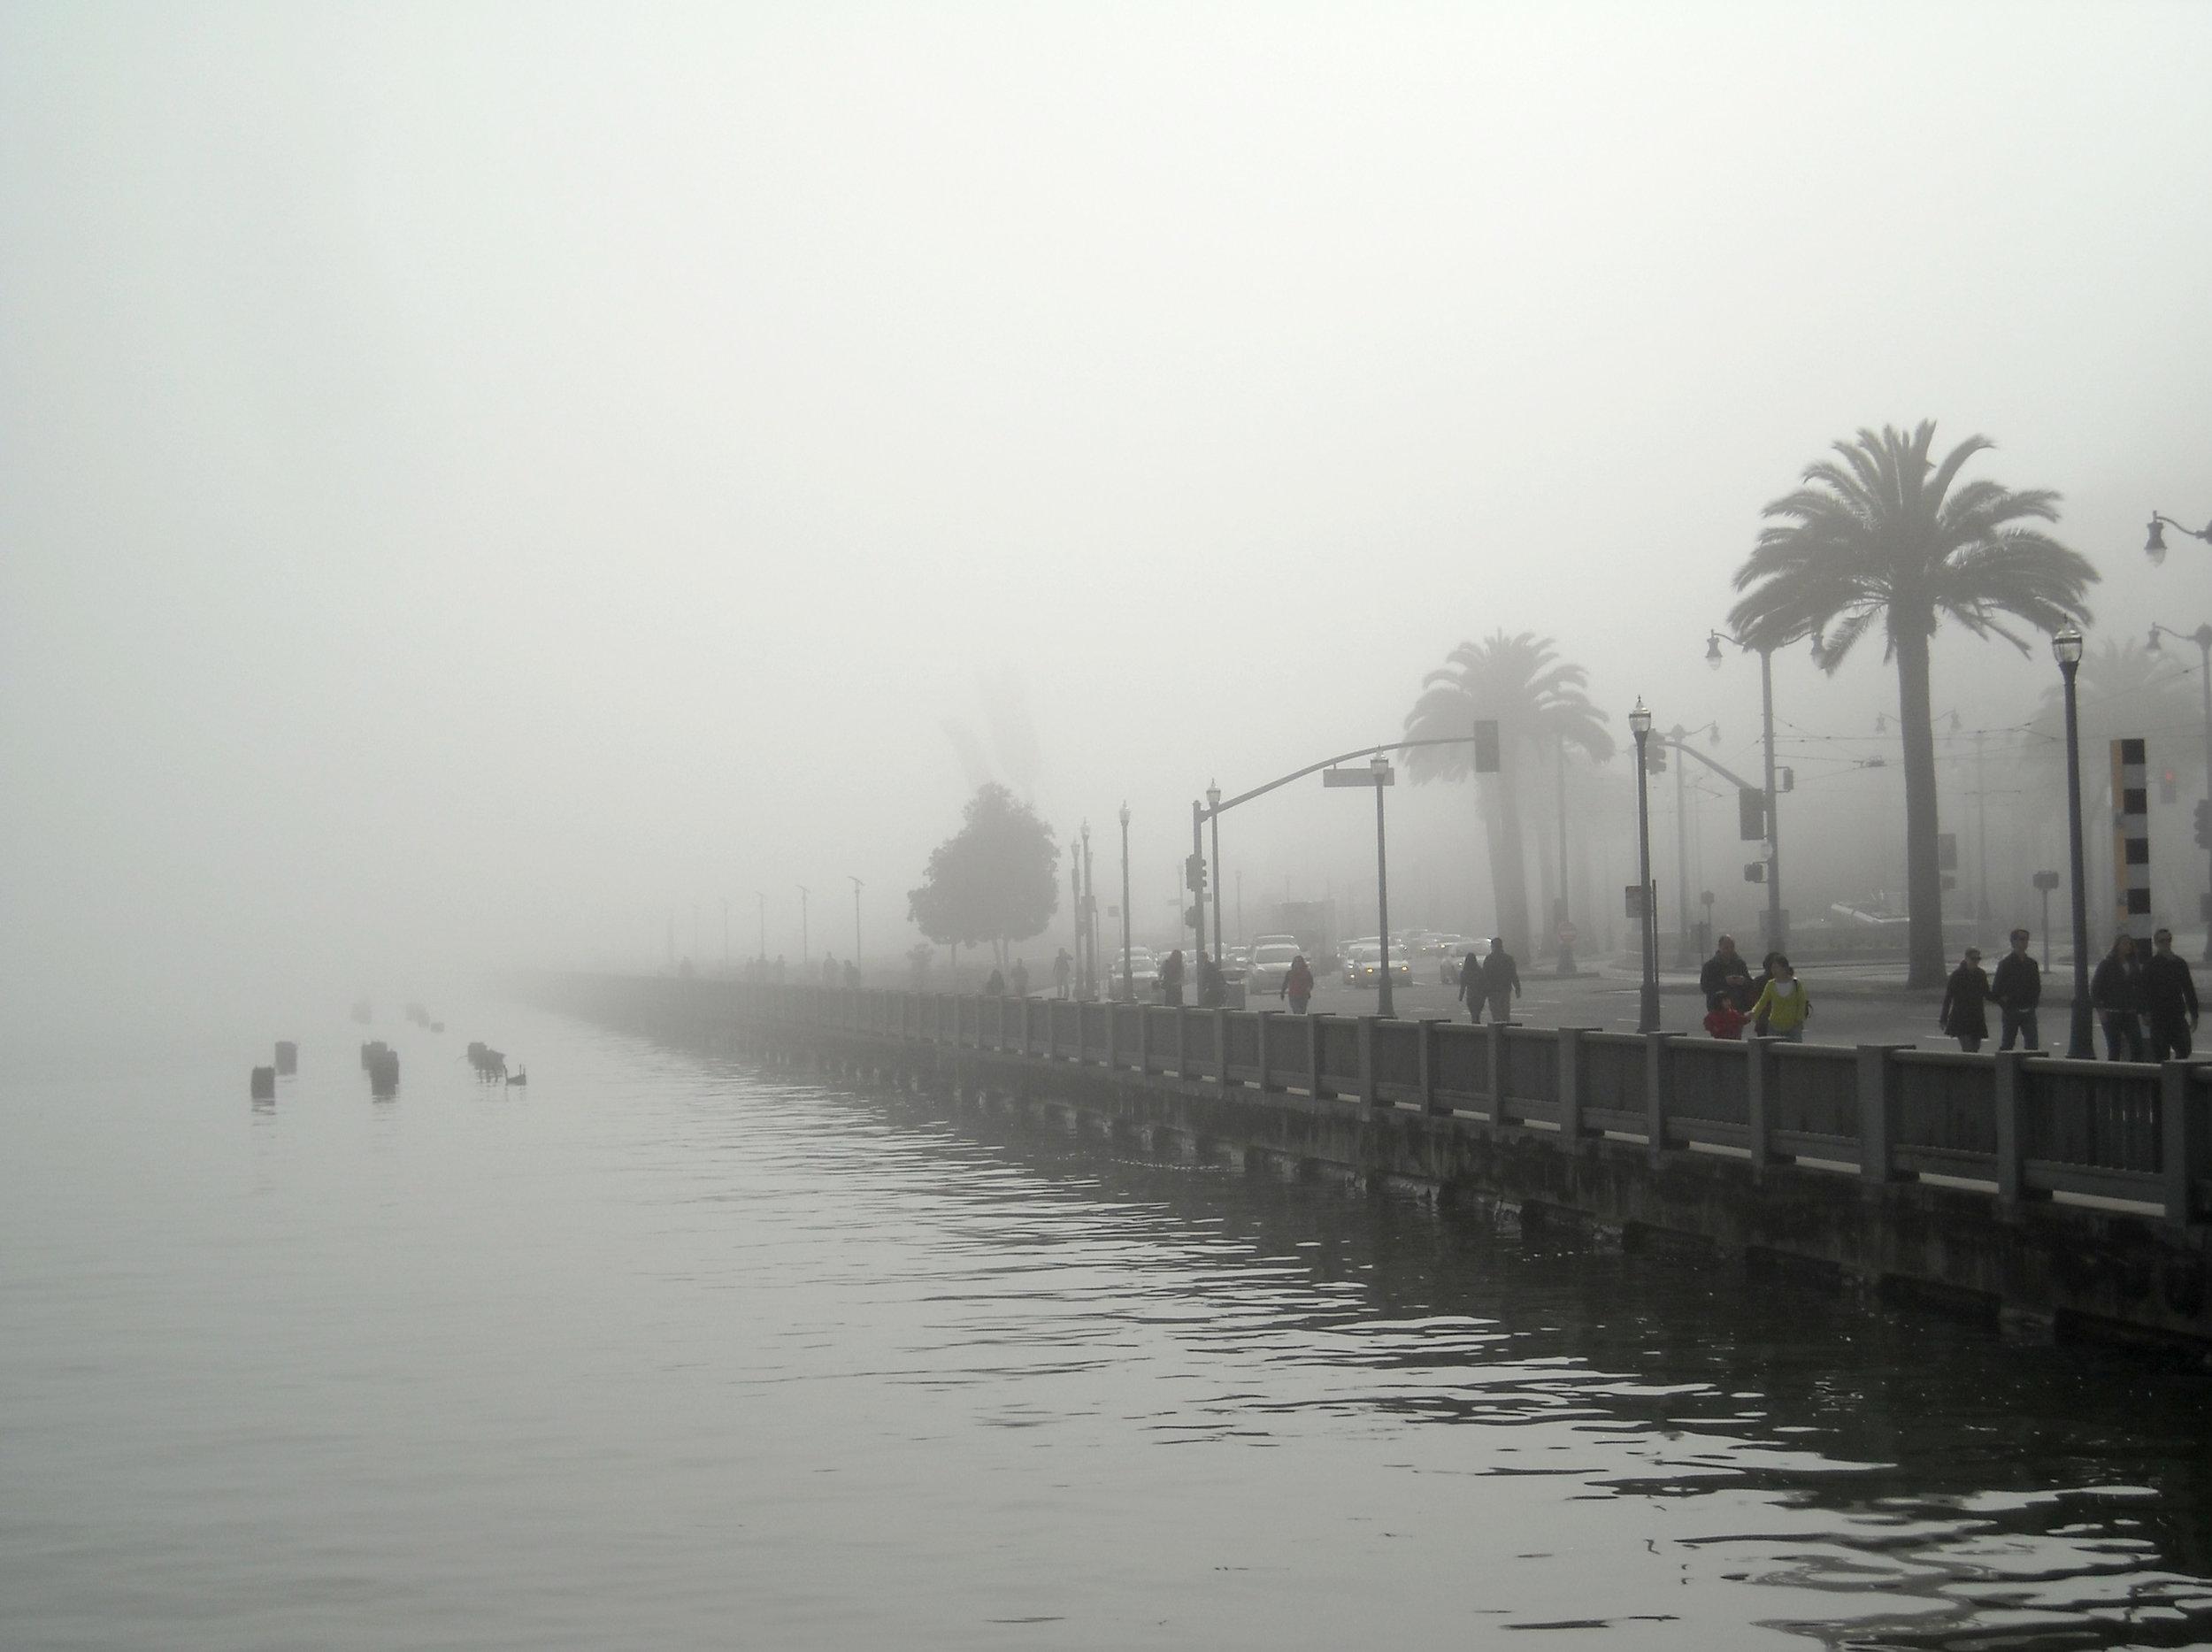 Foggy_Day_in_San_Francisco_(4425995559).jpg